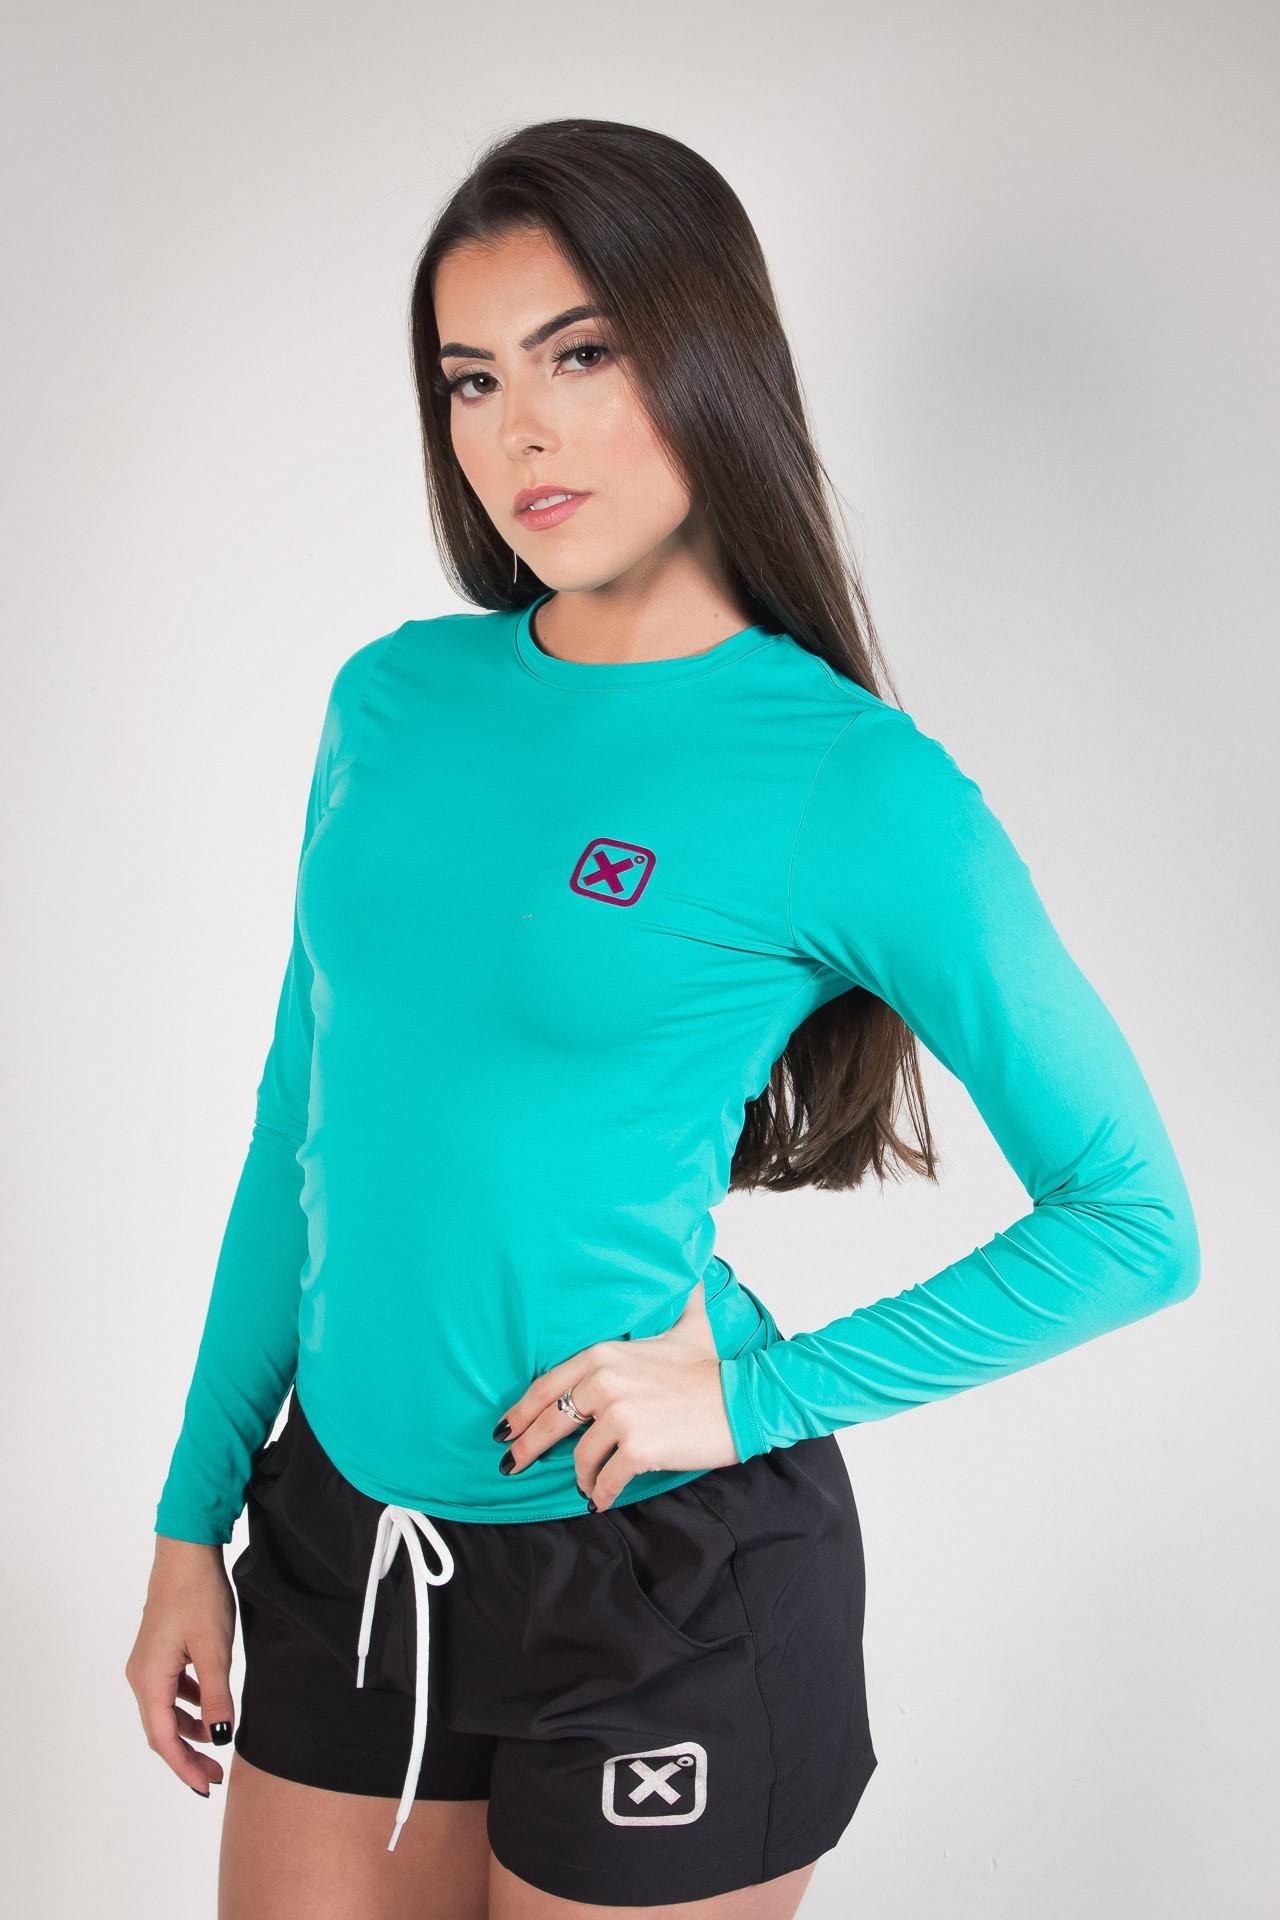 Camiseta TXC Brand UV 4604